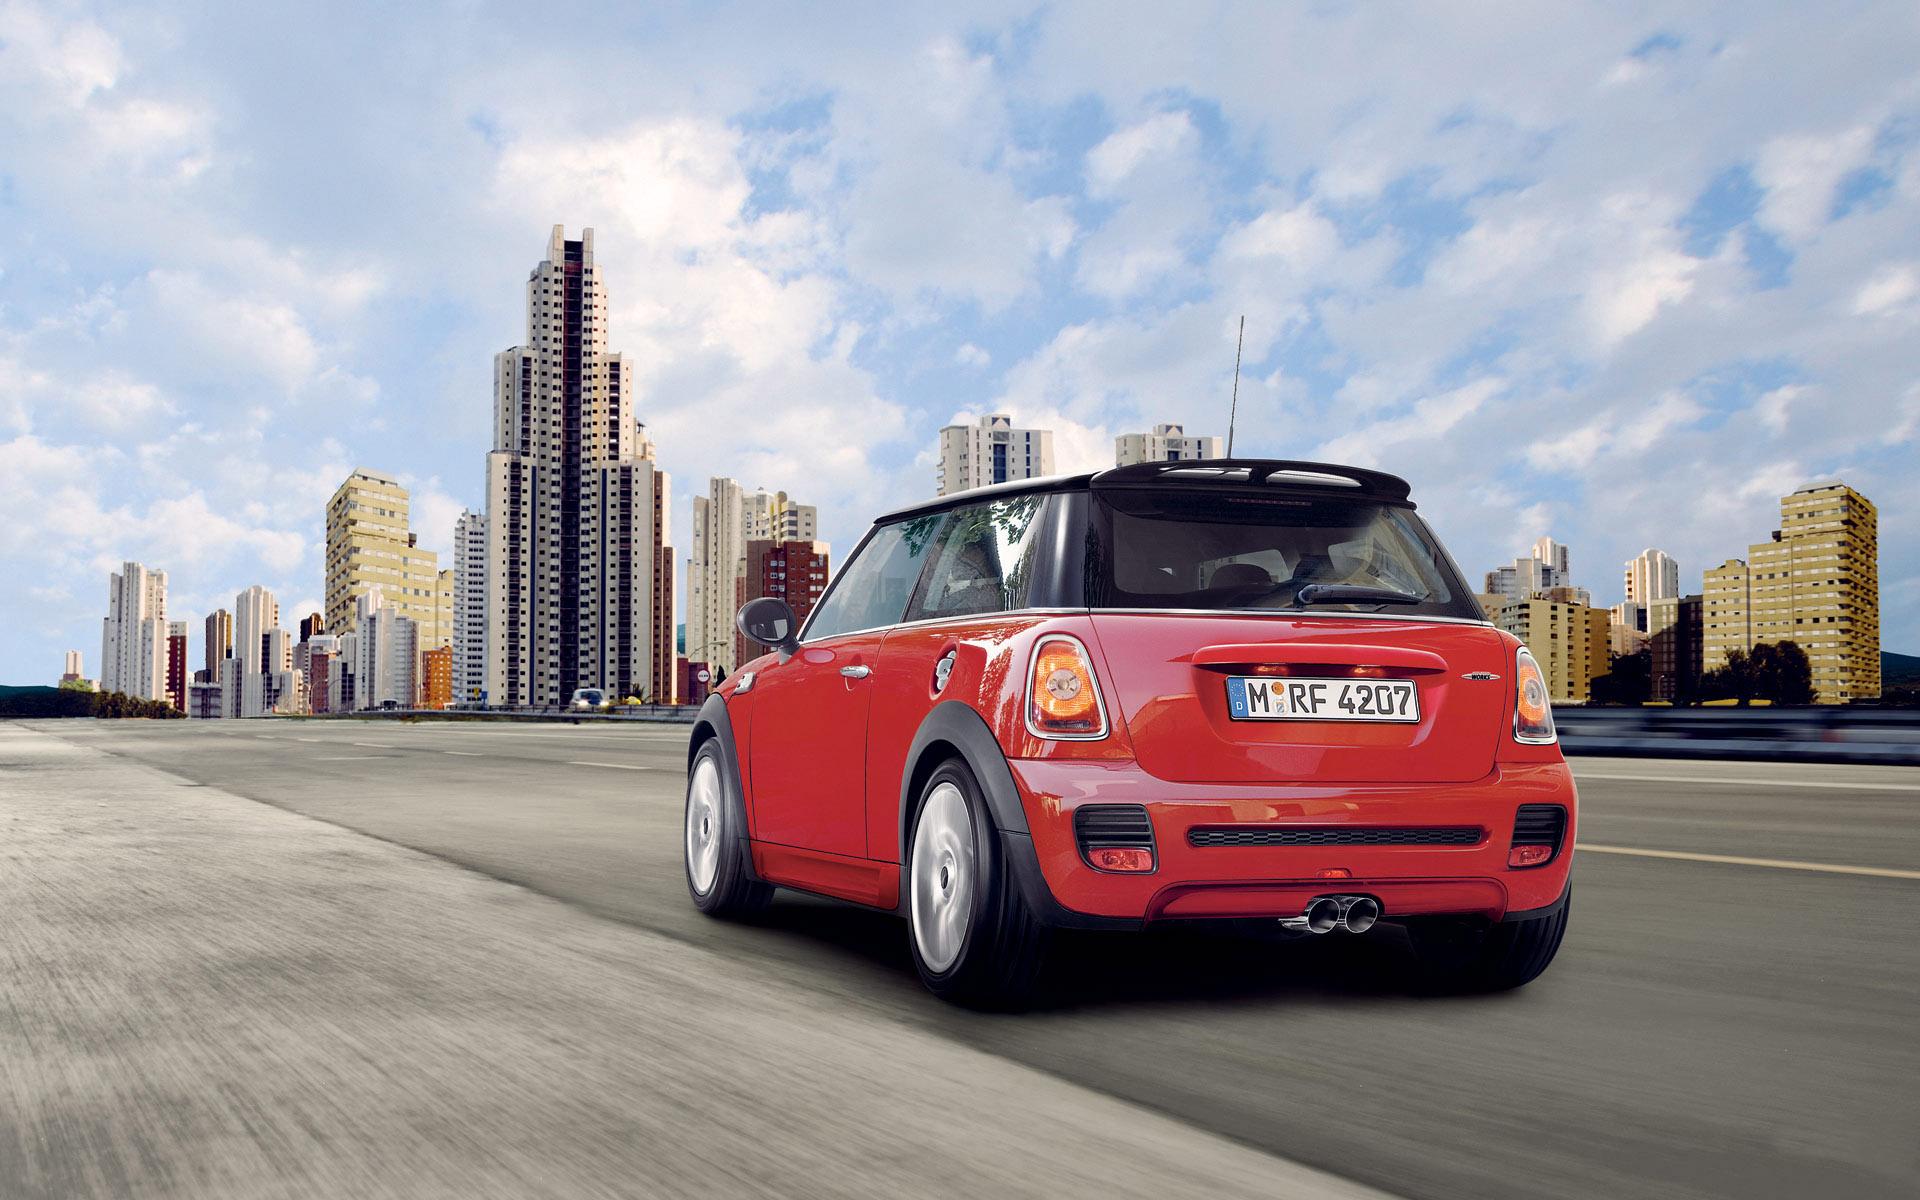 汽车 4 1壁纸,mini汽车壁纸图片 汽车壁纸 汽车图片素材 桌面高清图片